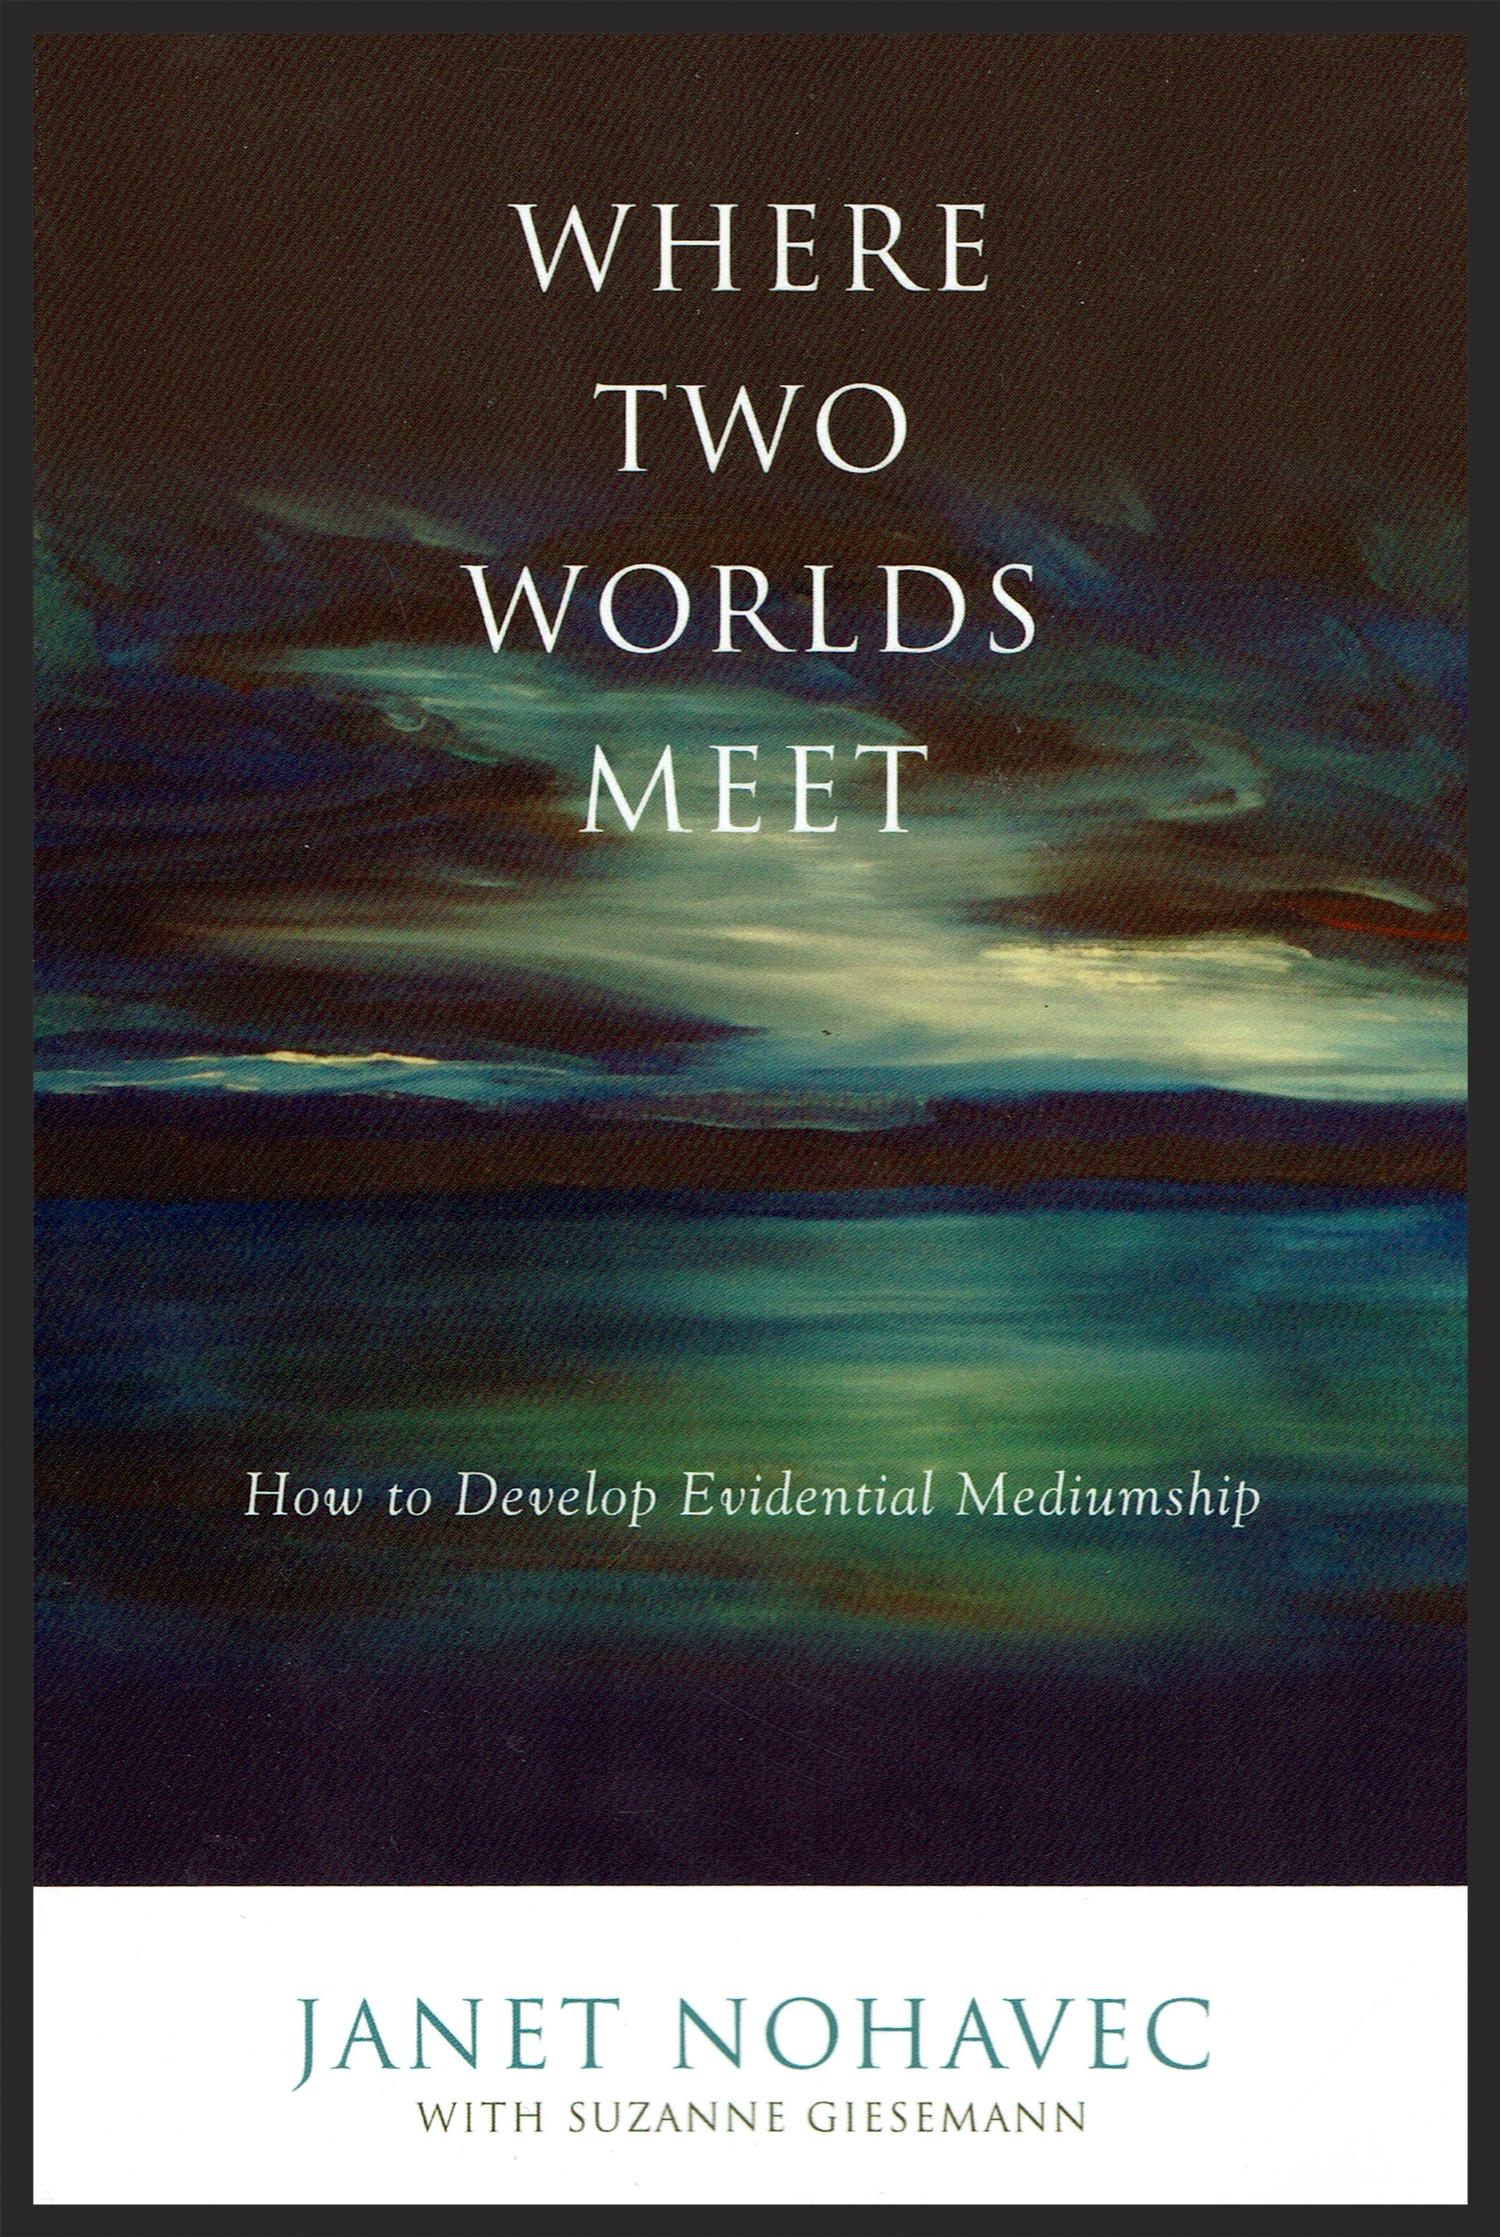 Where-Two-Worlds-Meet.jpg